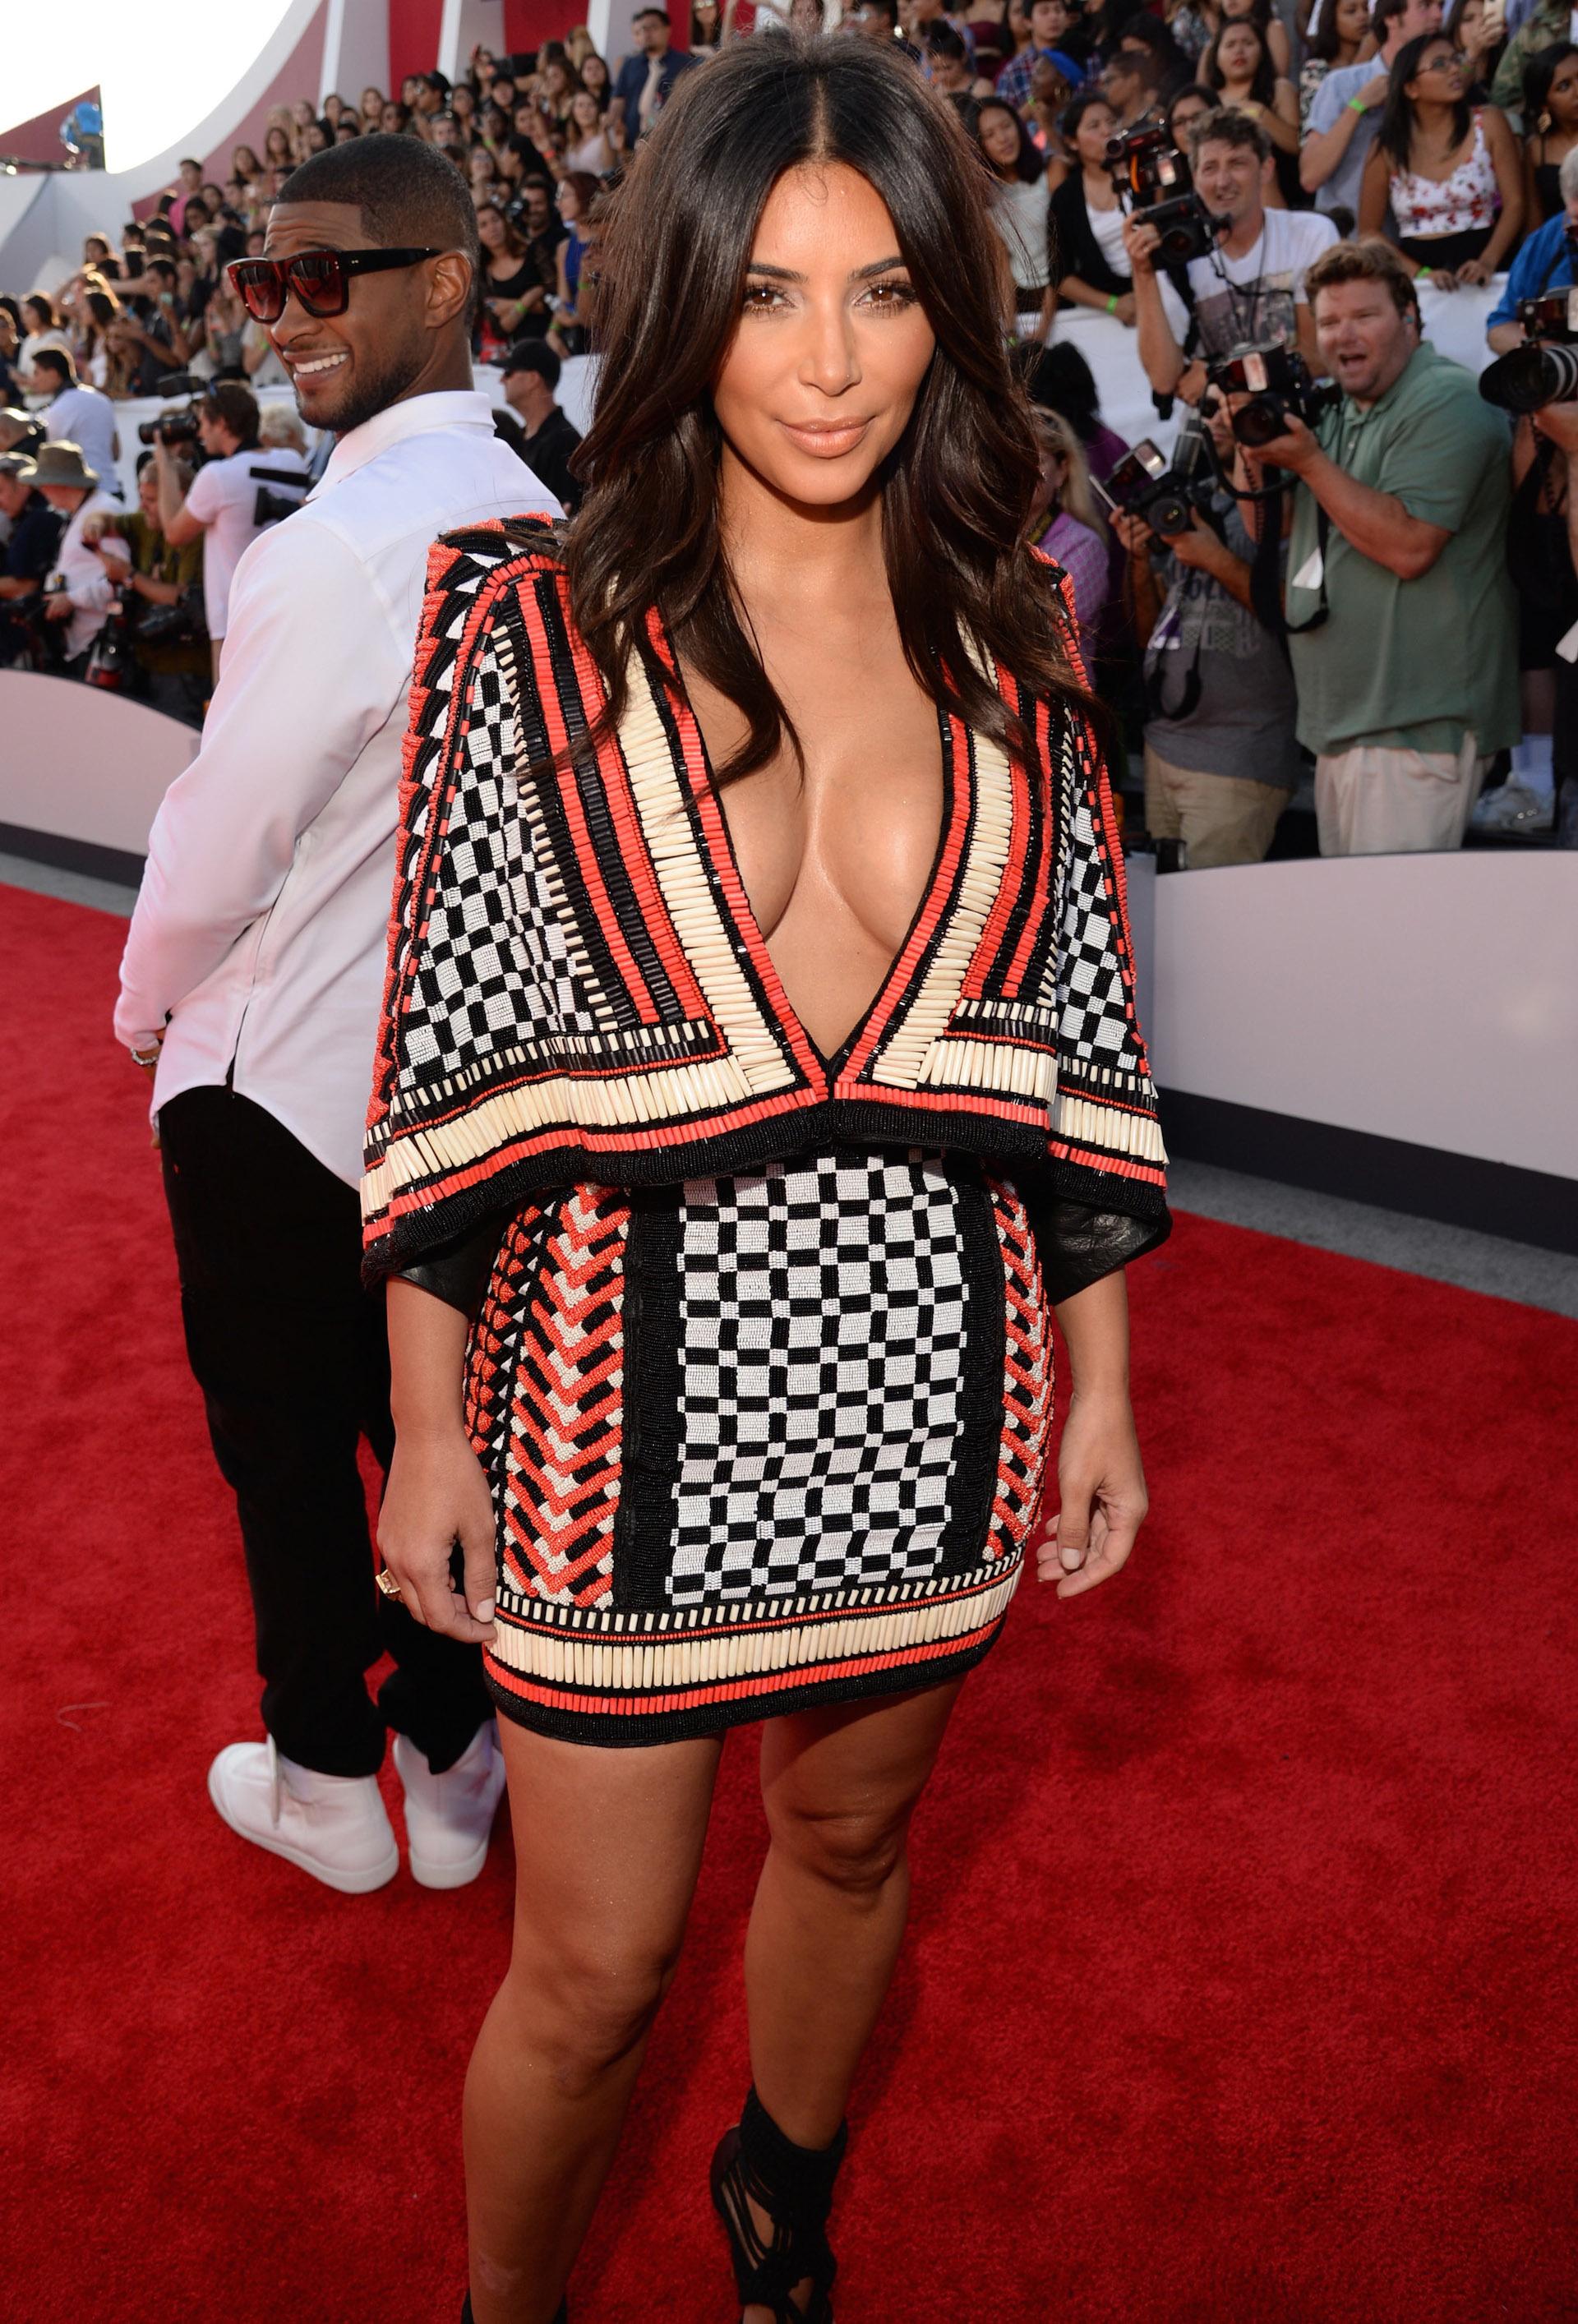 Kim Kardashian photobombed by Usher